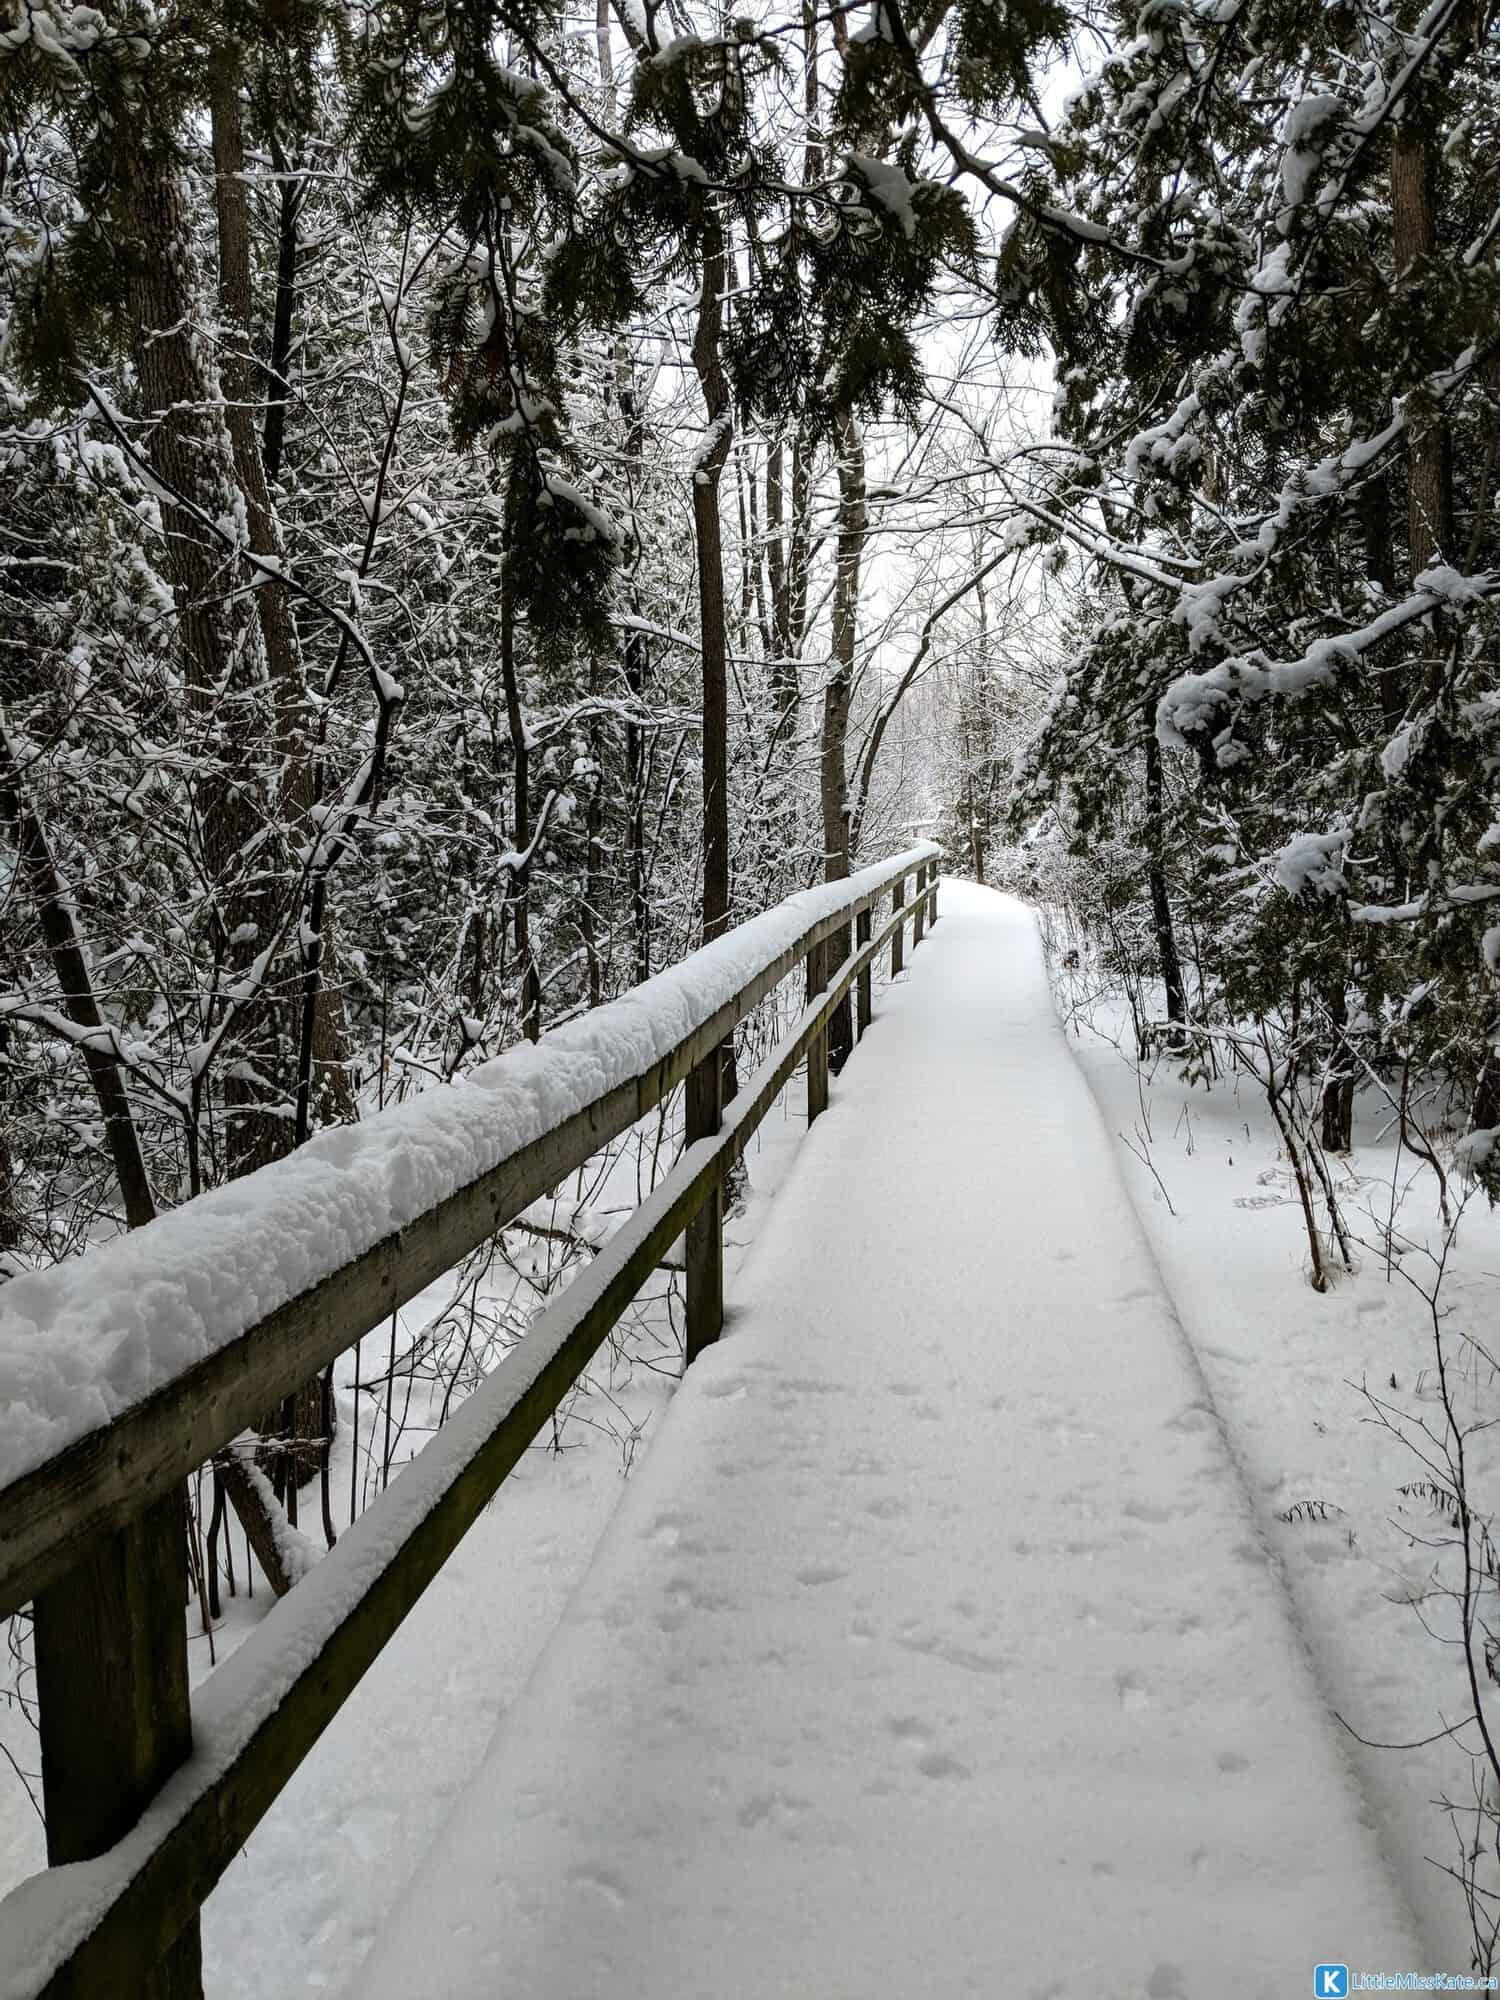 macGregor Point Provinical Park boardwalk winter hiking